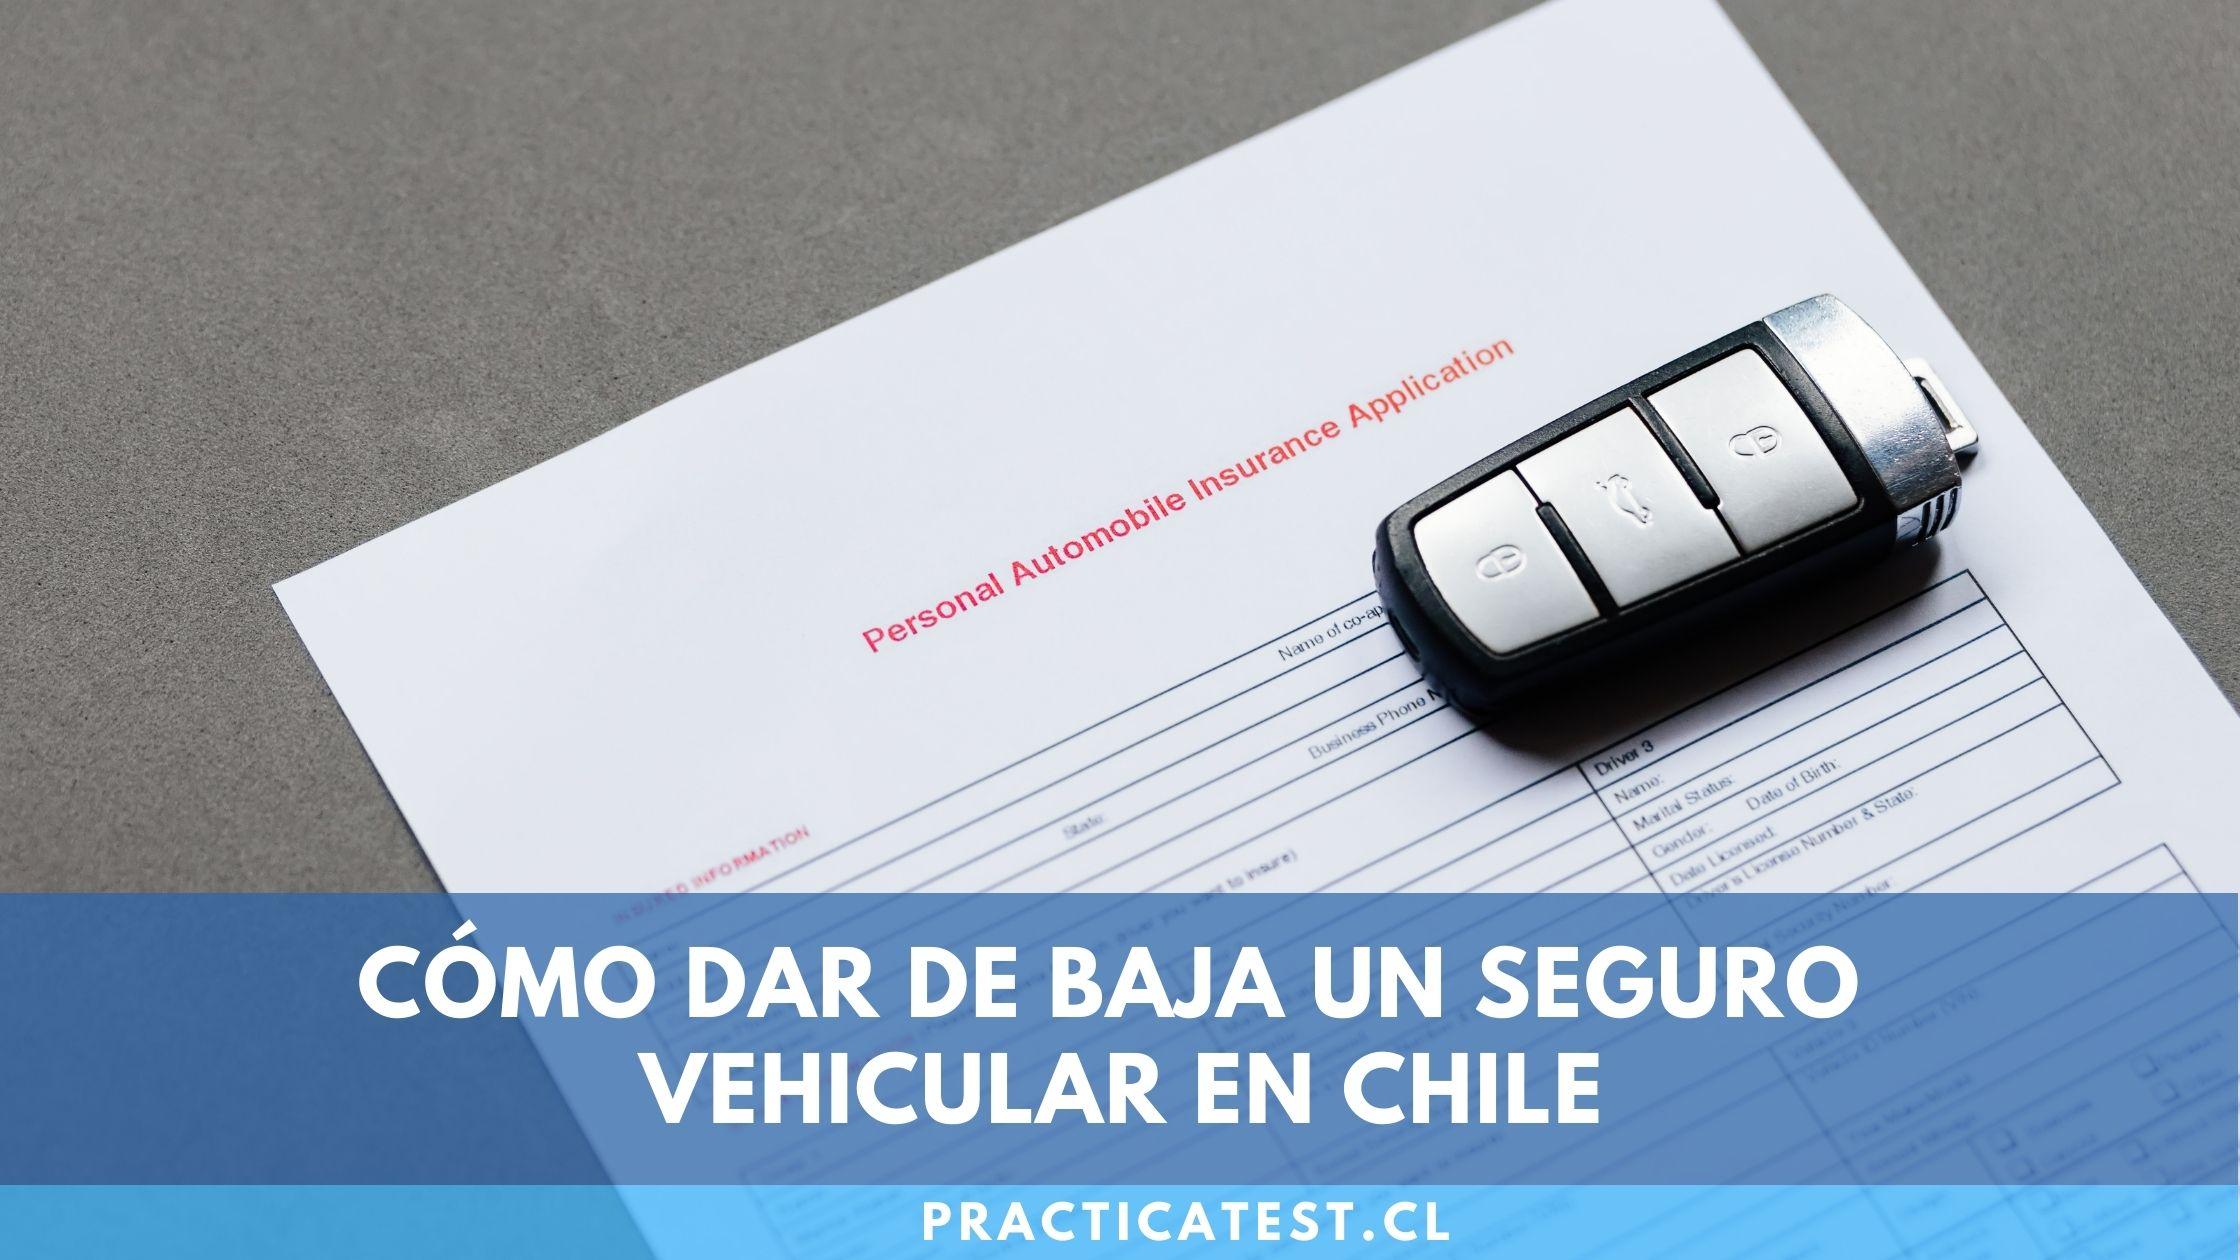 Cómo se puede dar de baja el seguro de un vehículo en Chile sin pagar sobrecostos